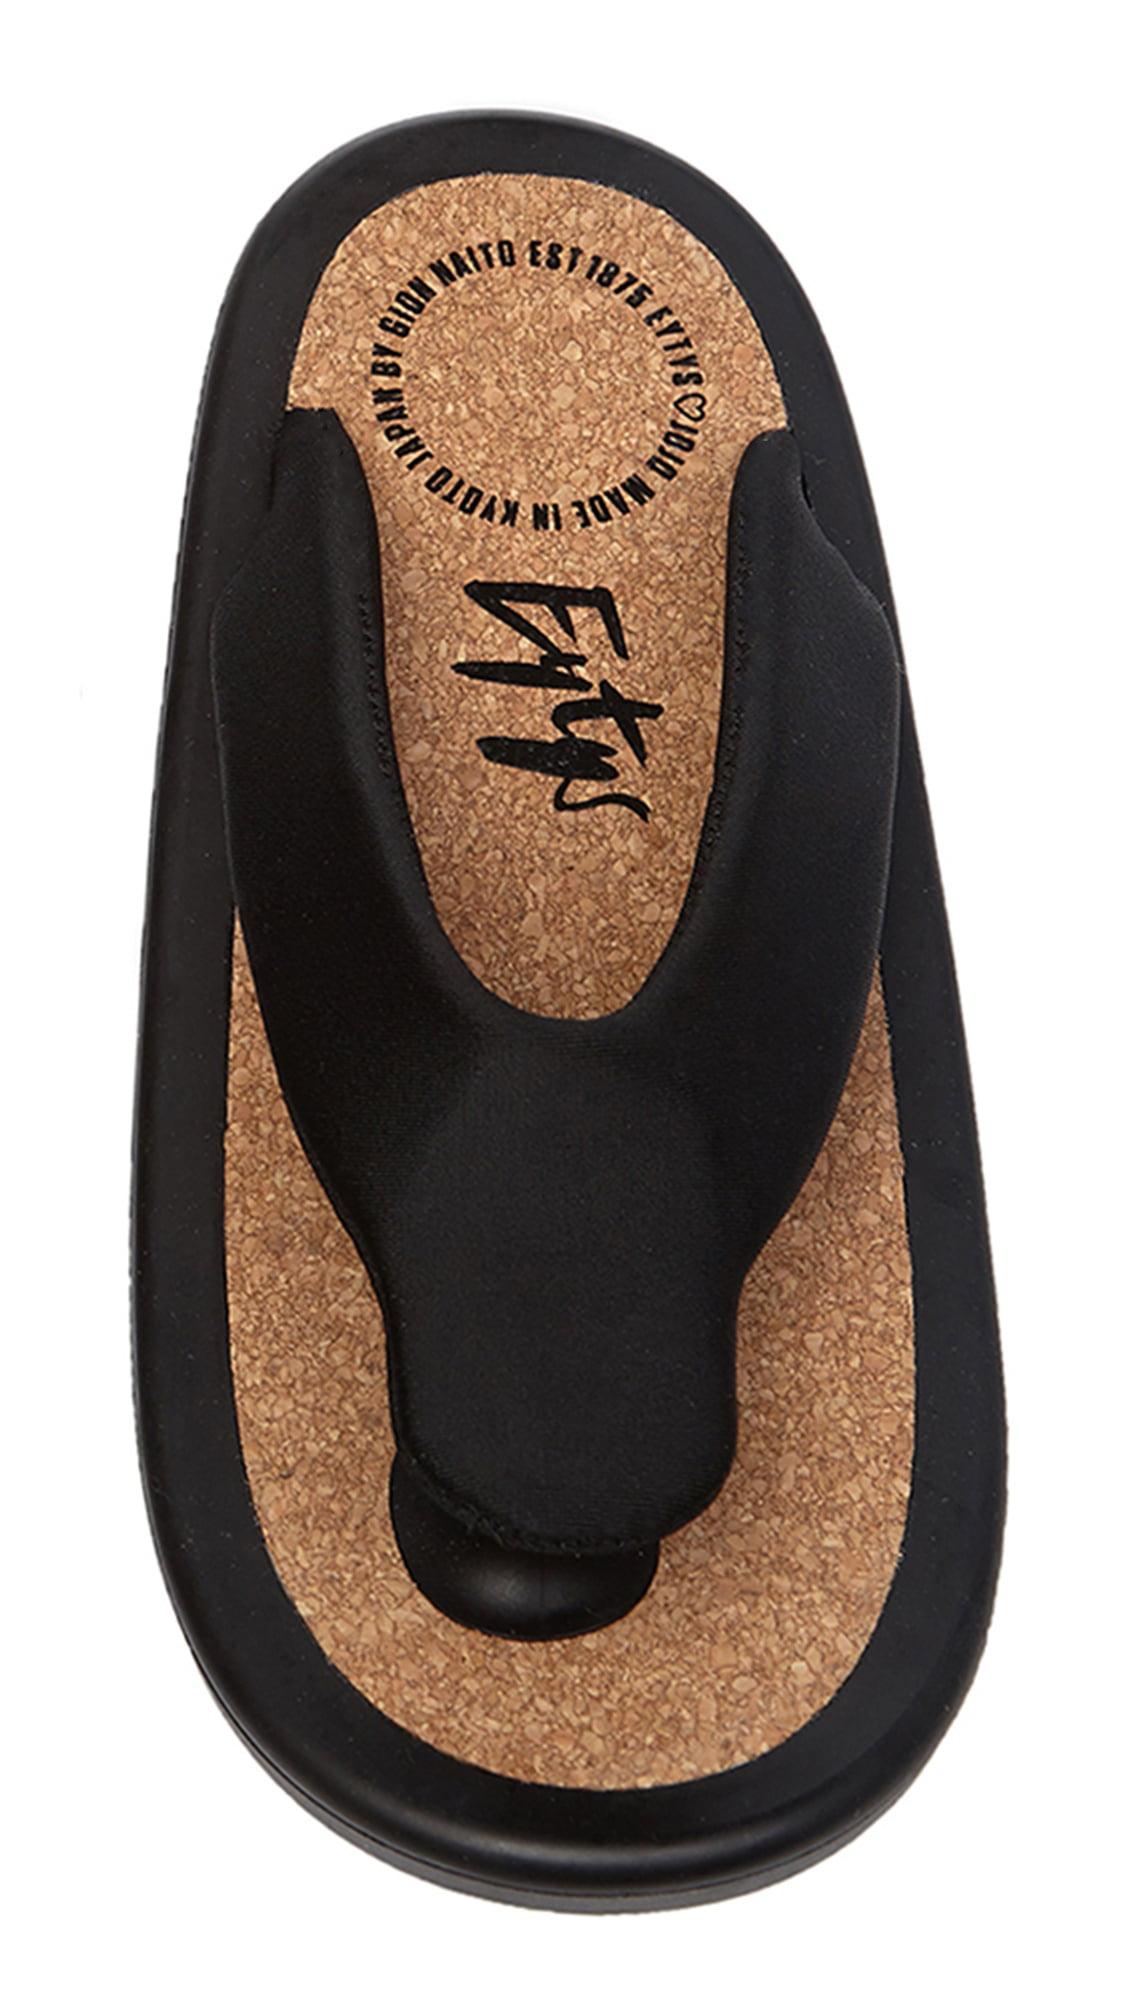 Eytys Jojo Fashion Sandals JOJO Economical, stylish, and eye-catching shoes